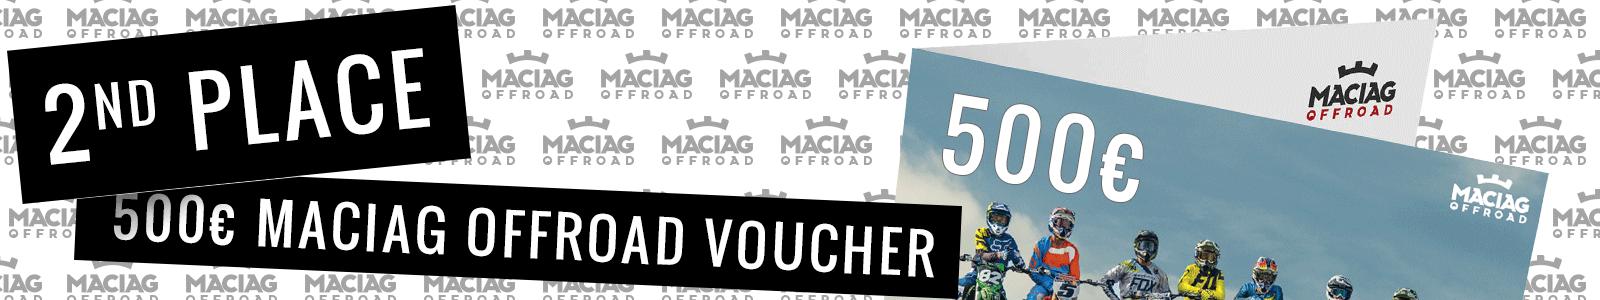 2nd Place MACIAG OFFROAD voucher